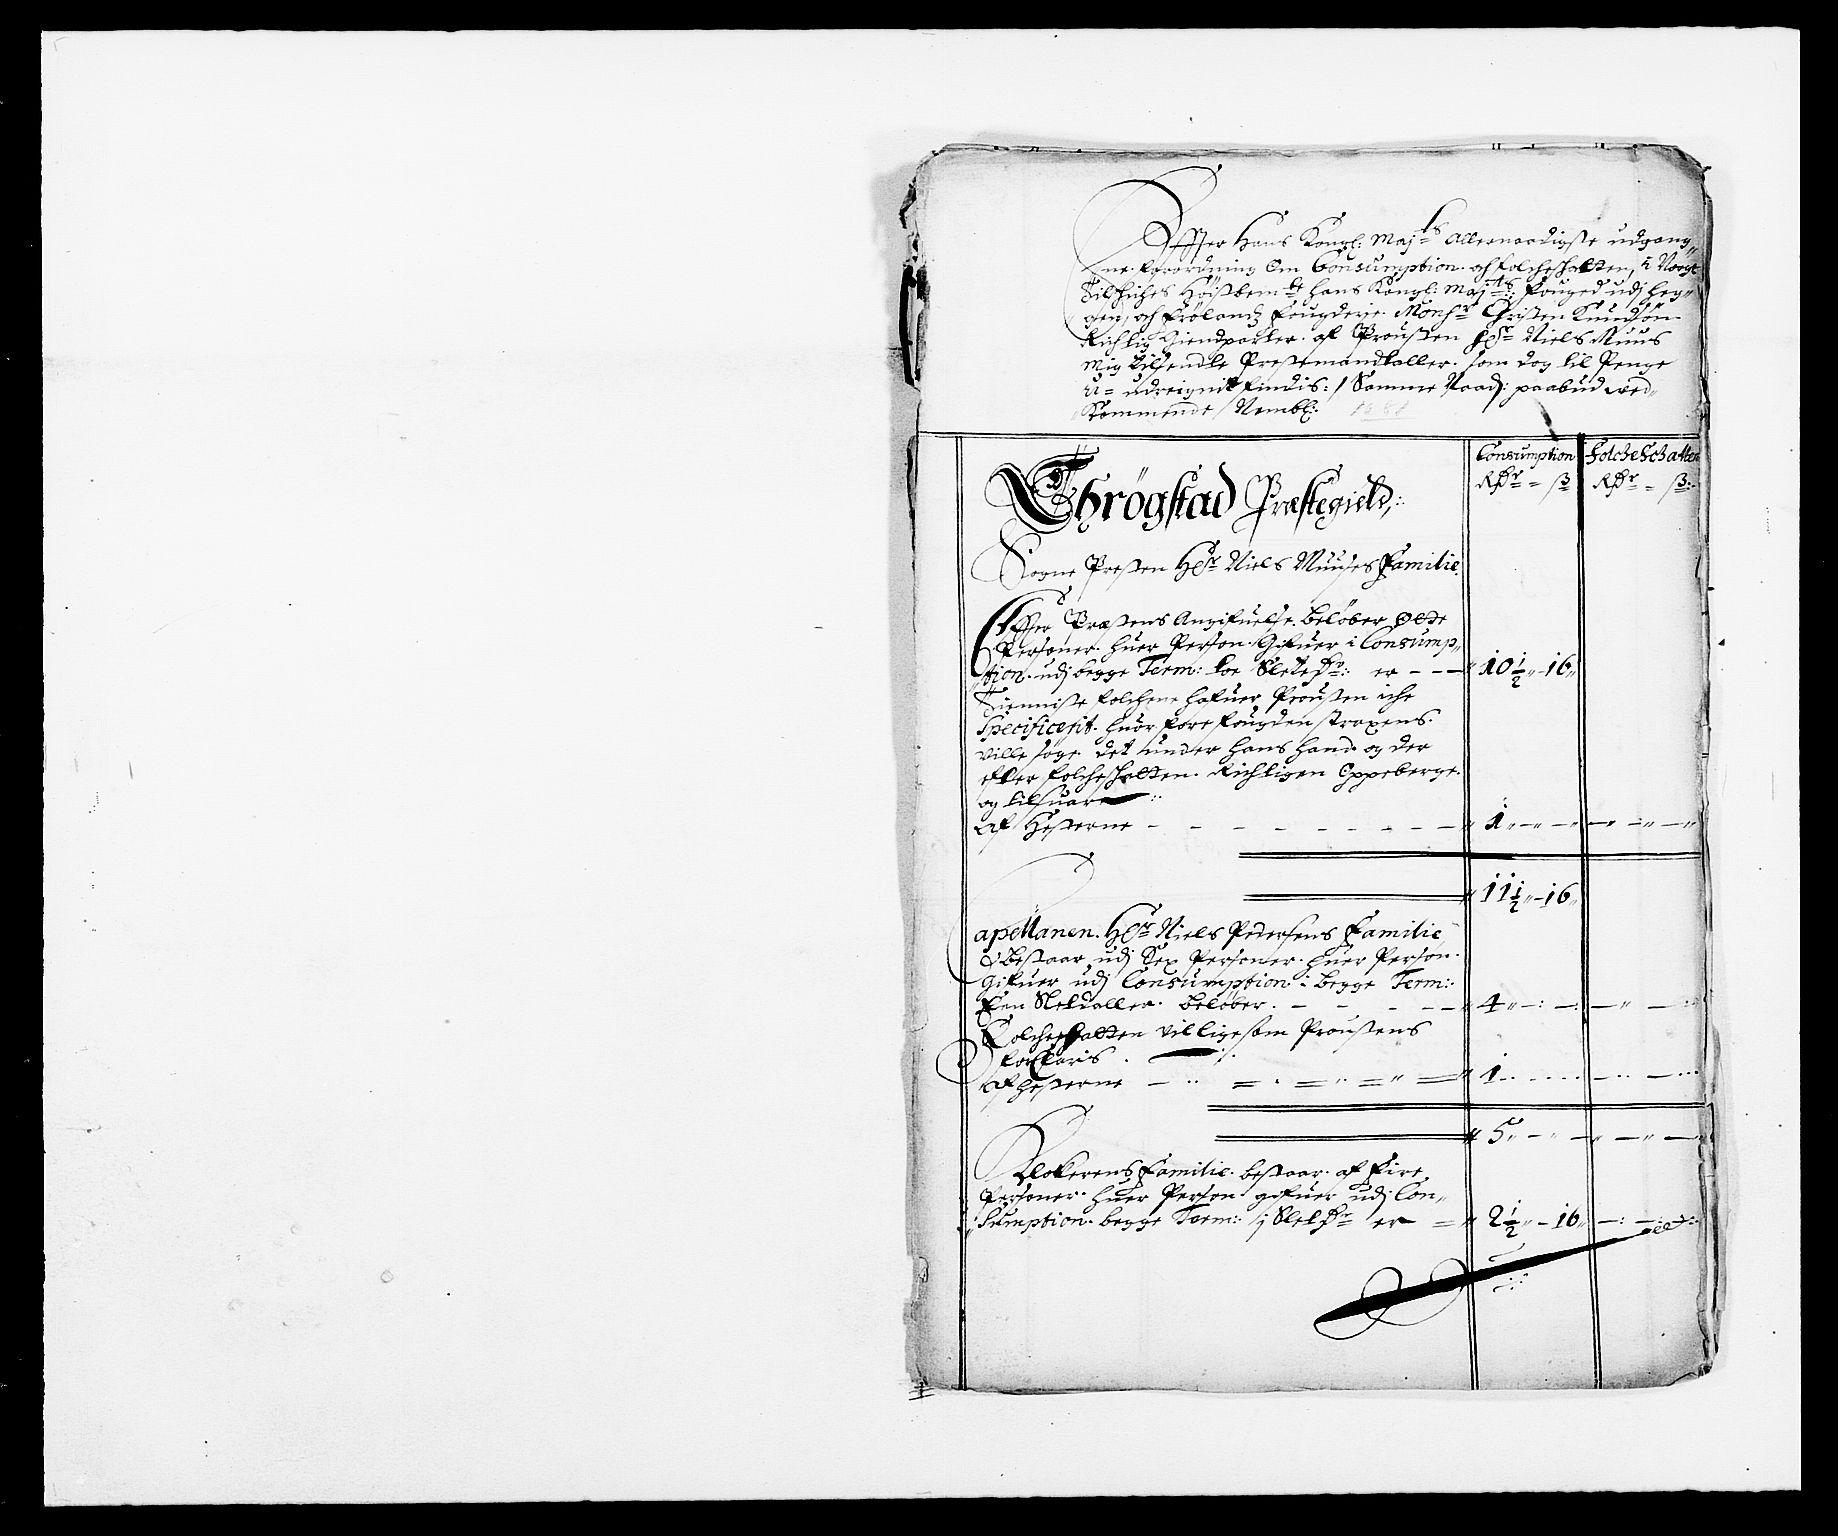 RA, Rentekammeret inntil 1814, Reviderte regnskaper, Fogderegnskap, R06/L0280: Fogderegnskap Heggen og Frøland, 1681-1684, s. 169